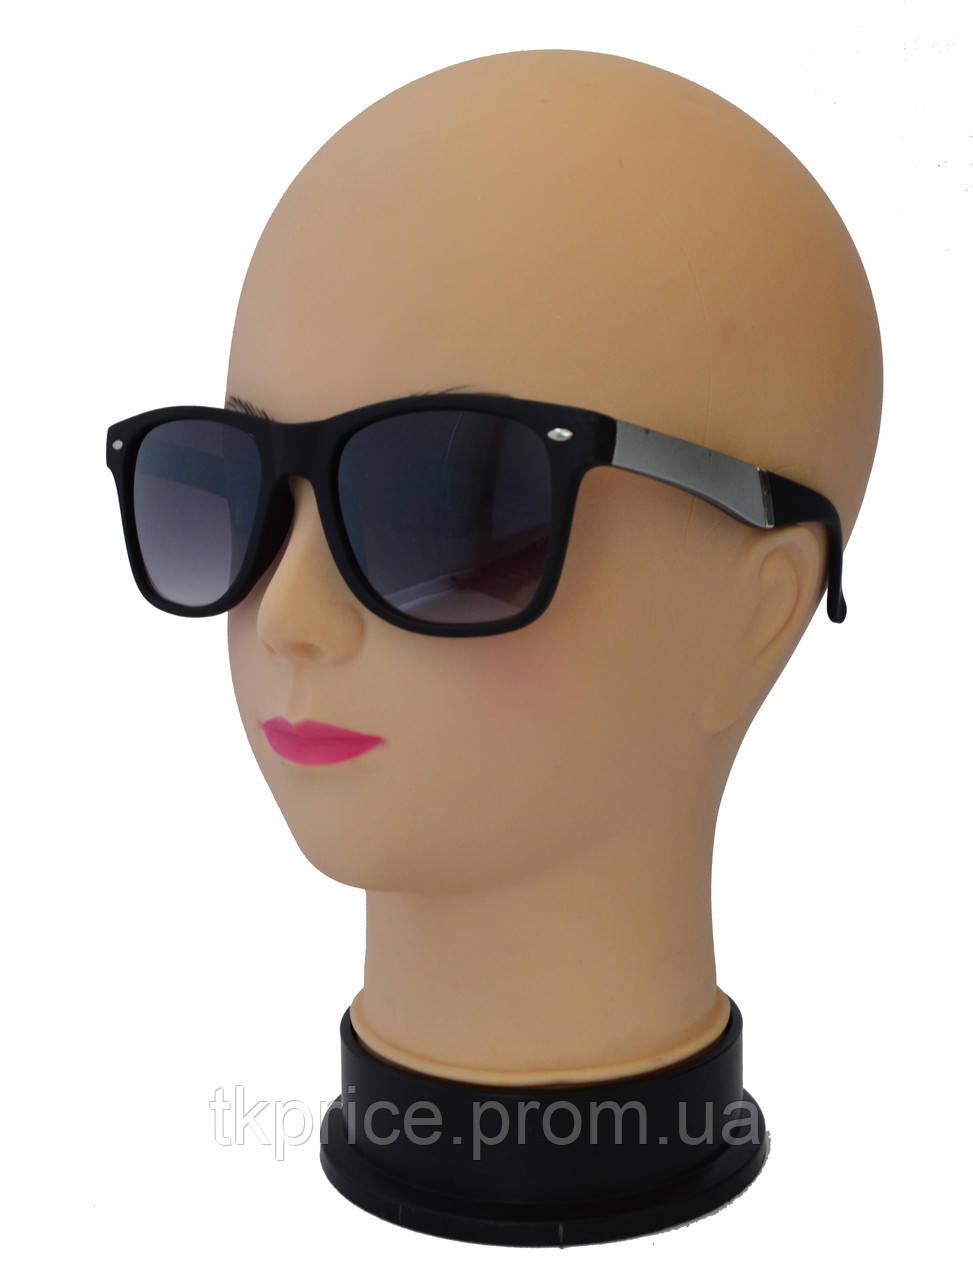 Солнцезащитные очки унисекс Ray Ban матовые